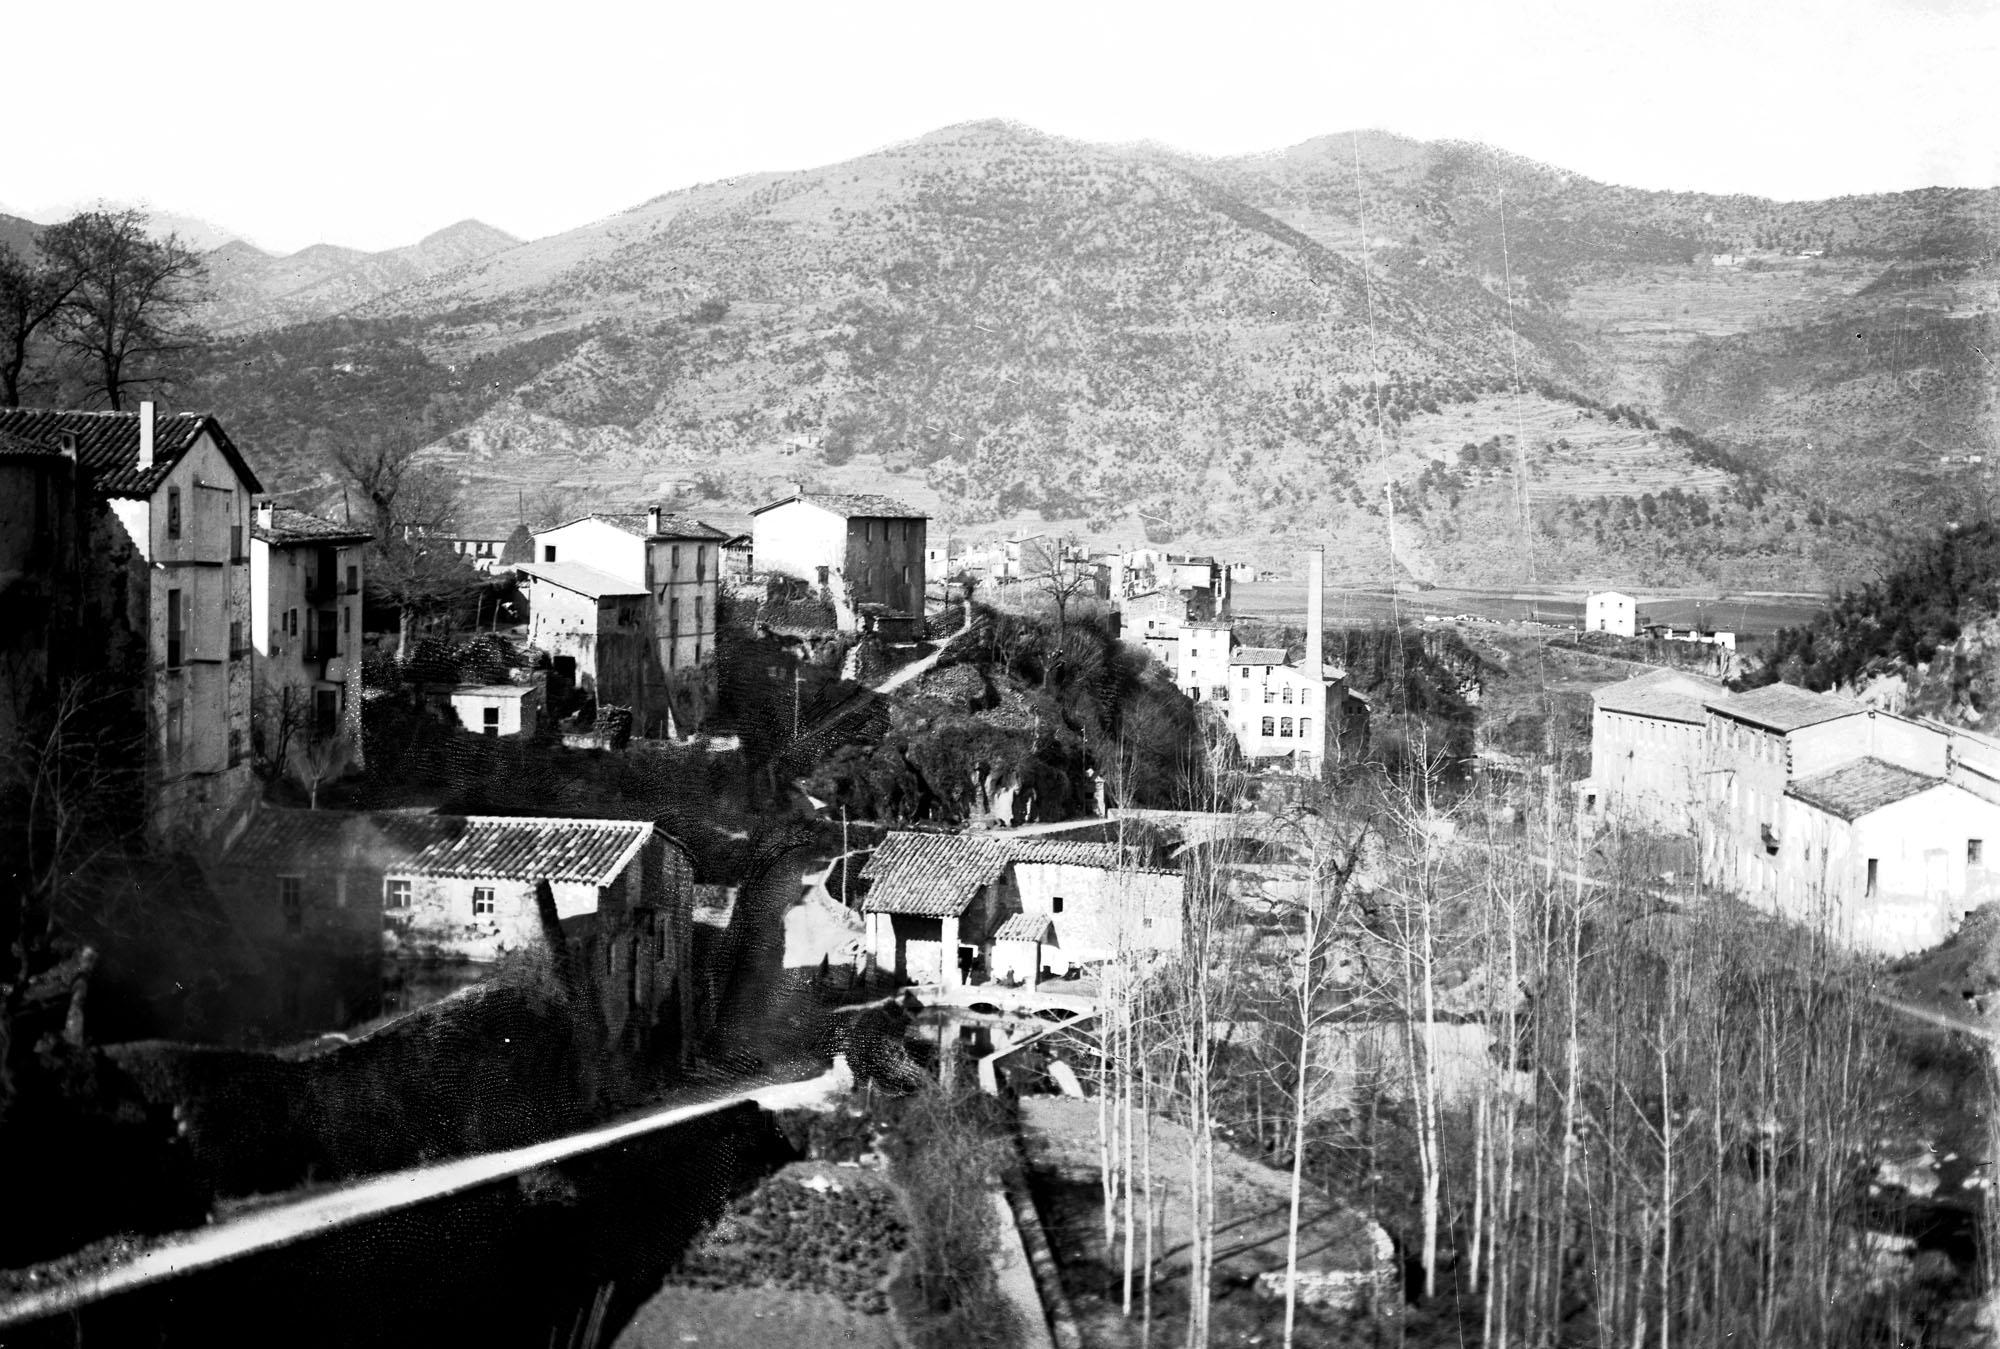 Vista parcial del riu Fluvià, al seu pas per la fàbrica de can Sabata, a la Canya, Vall de Bianya (1912-1930). Foto Gotarde. ACGAX.